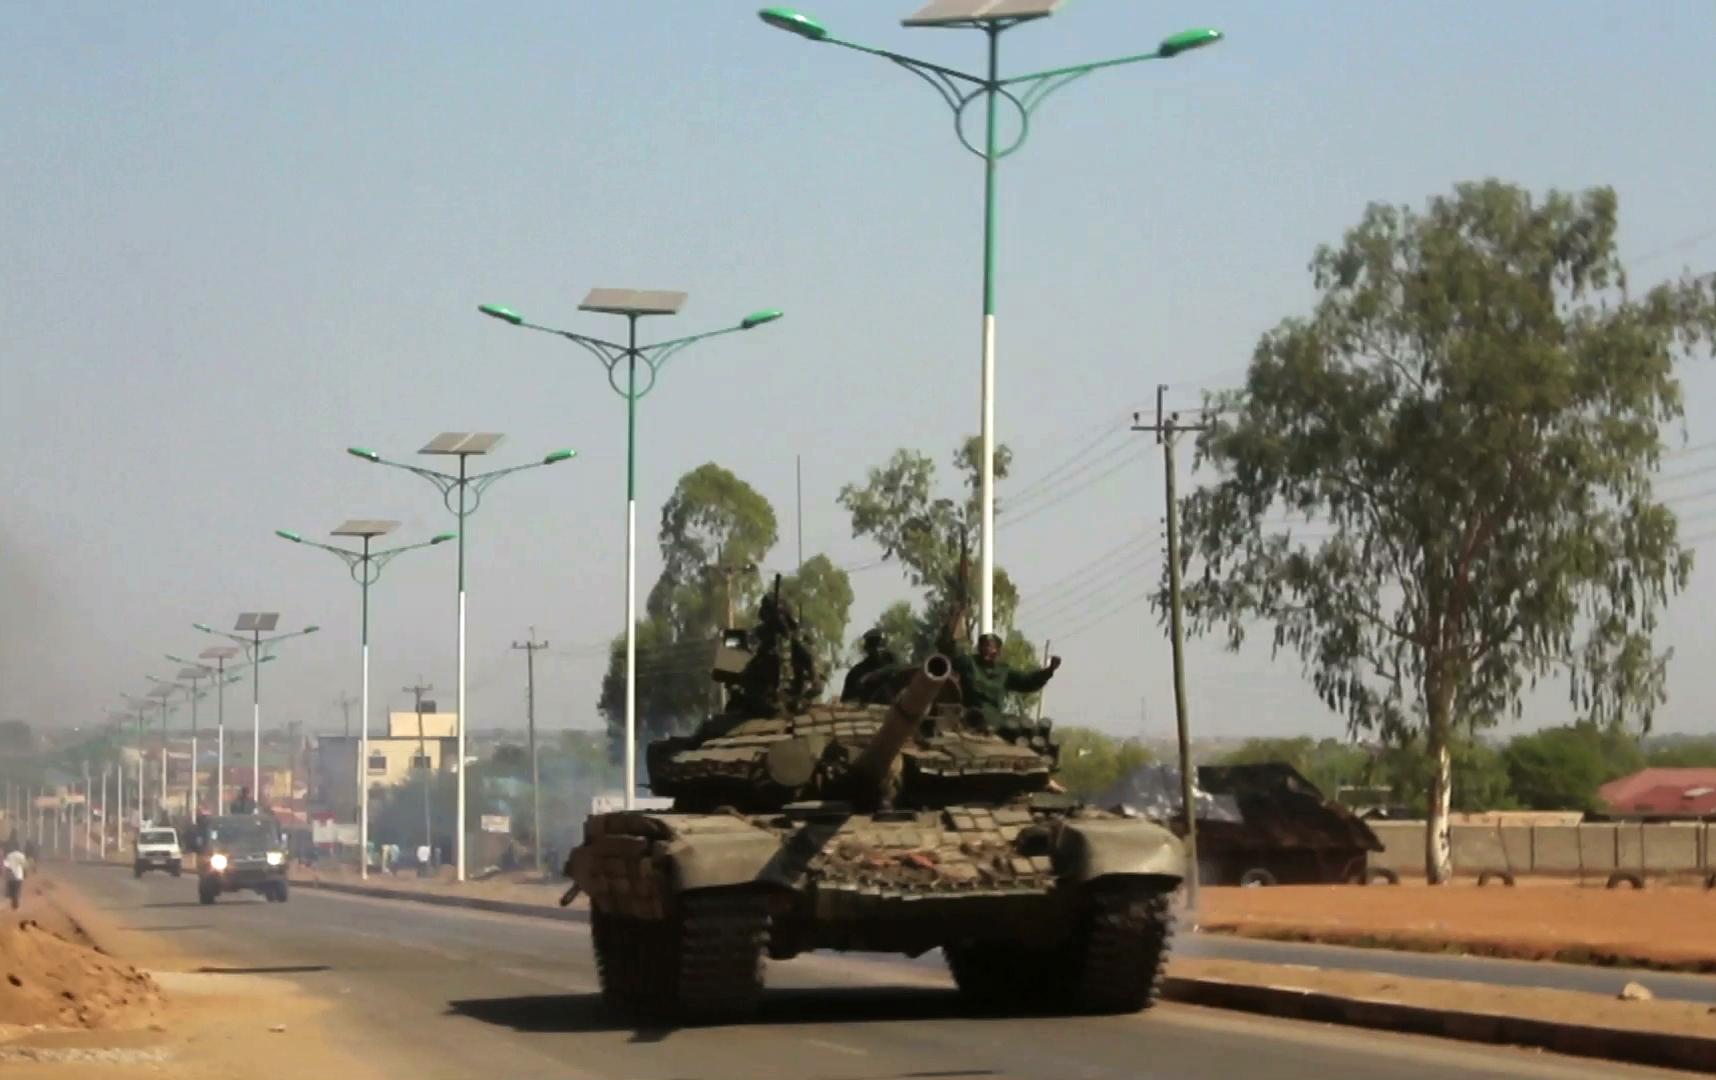 Még több békefenntartó érkezhet Dél-Szudánba, hogy megakadályozzák az újabb háborút